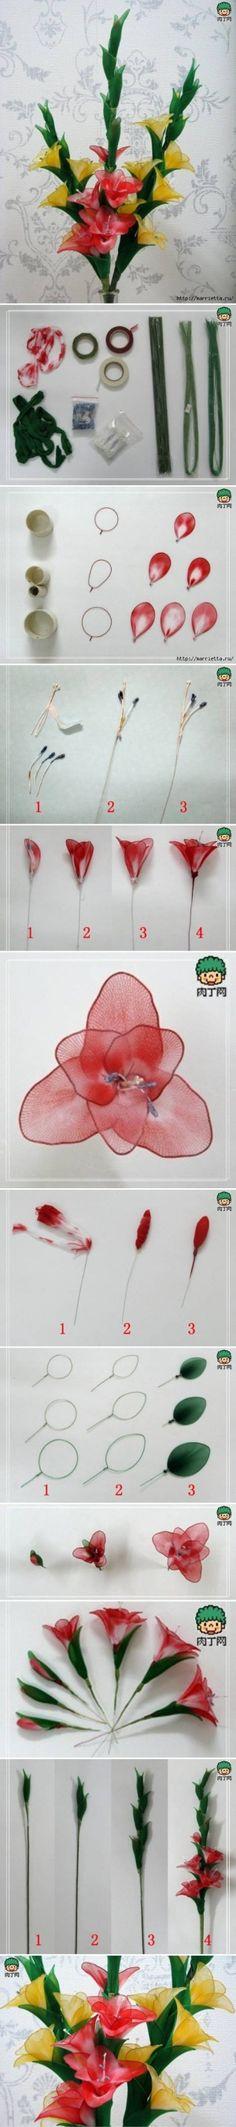 DIY Nylon Galdiolus Flower DIY Nylon Galdiolus Flower by diyforever